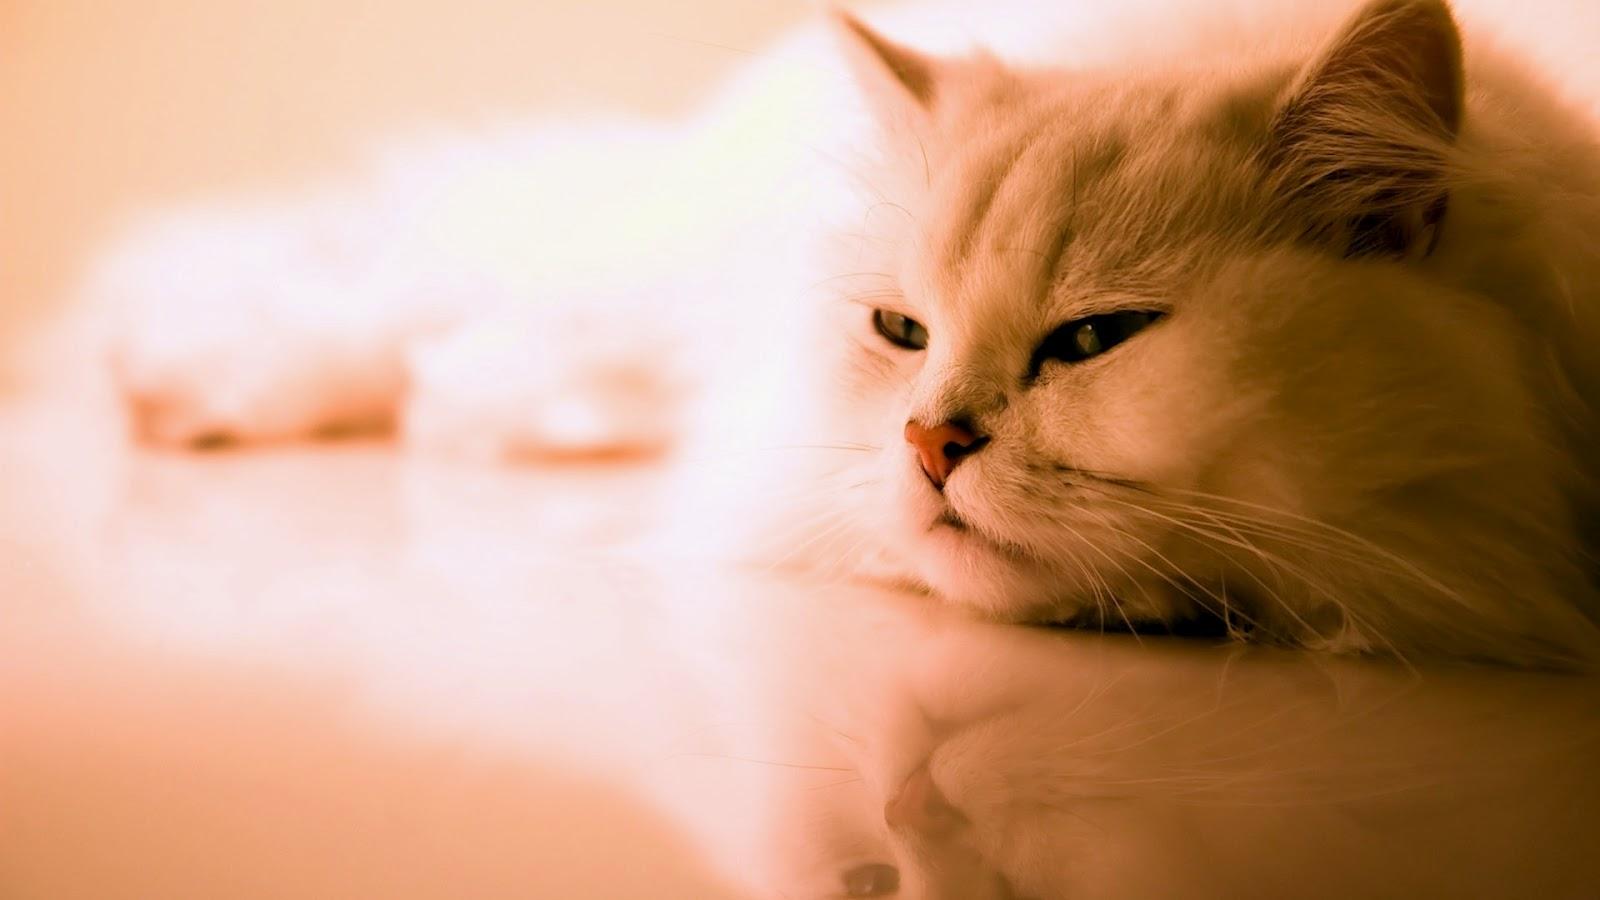 http://3.bp.blogspot.com/-lw_G6uJ_wXQ/UAcut50WM_I/AAAAAAAAA8E/tPpq1hJcSOc/s1600/cat-wallpaper-31.jpg